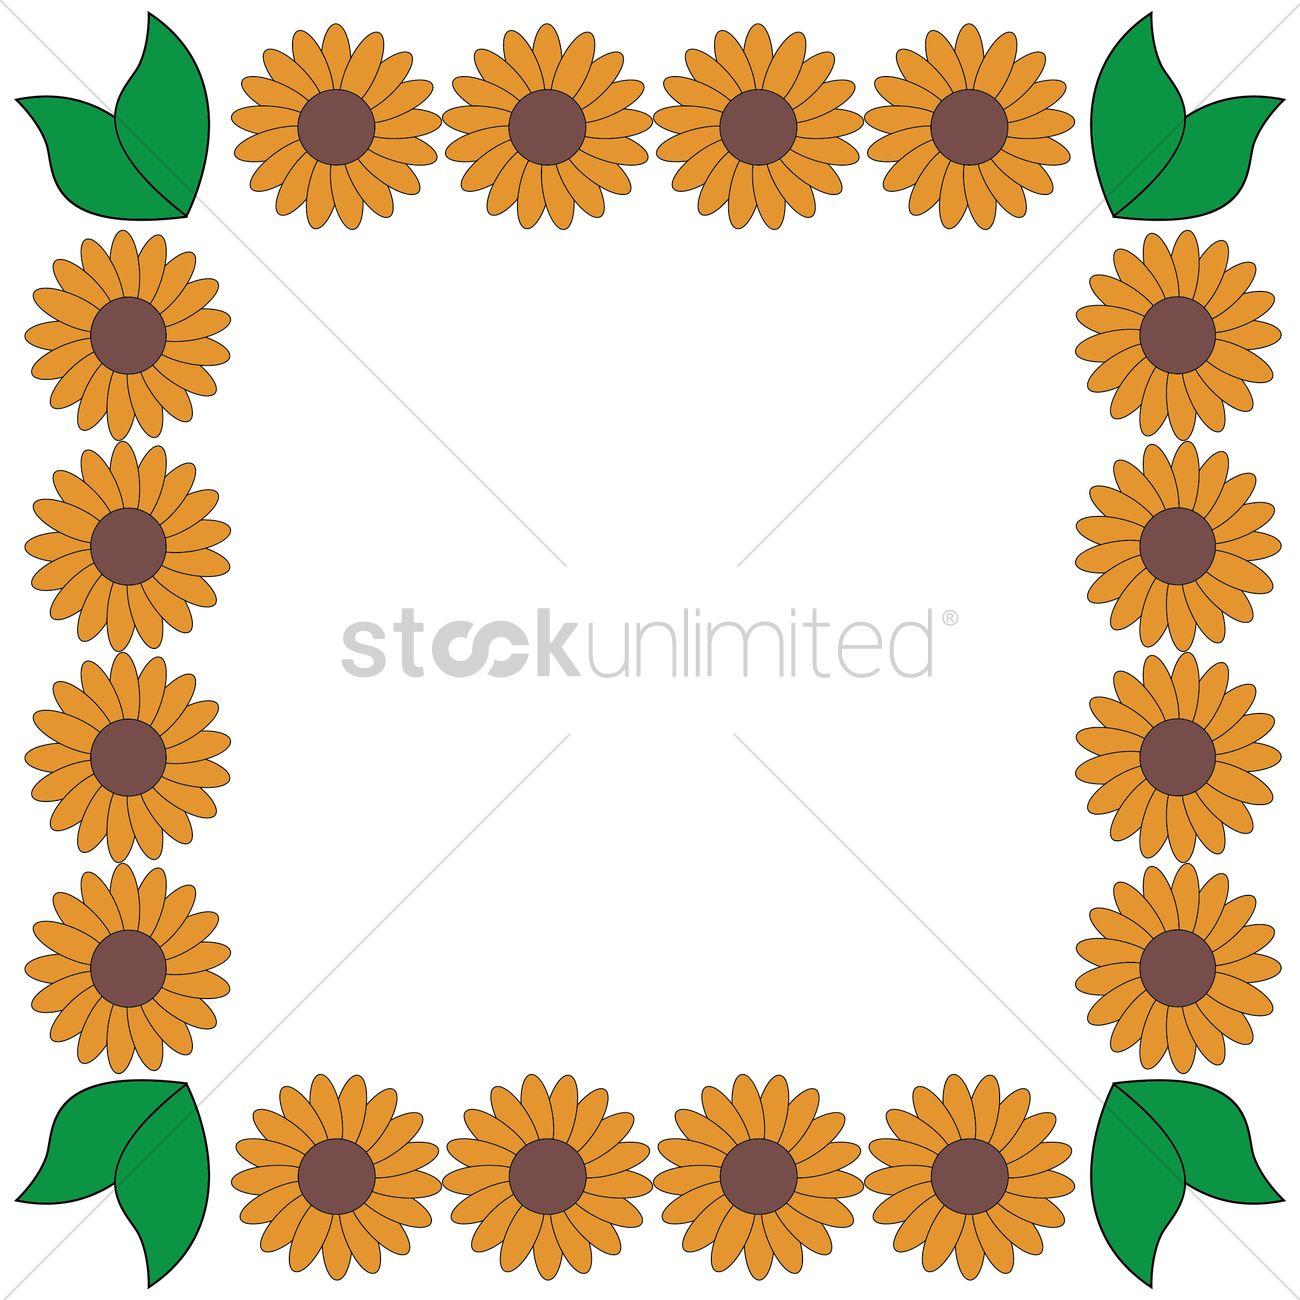 Sunflower frame border Vector Image - 1353592 | StockUnlimited